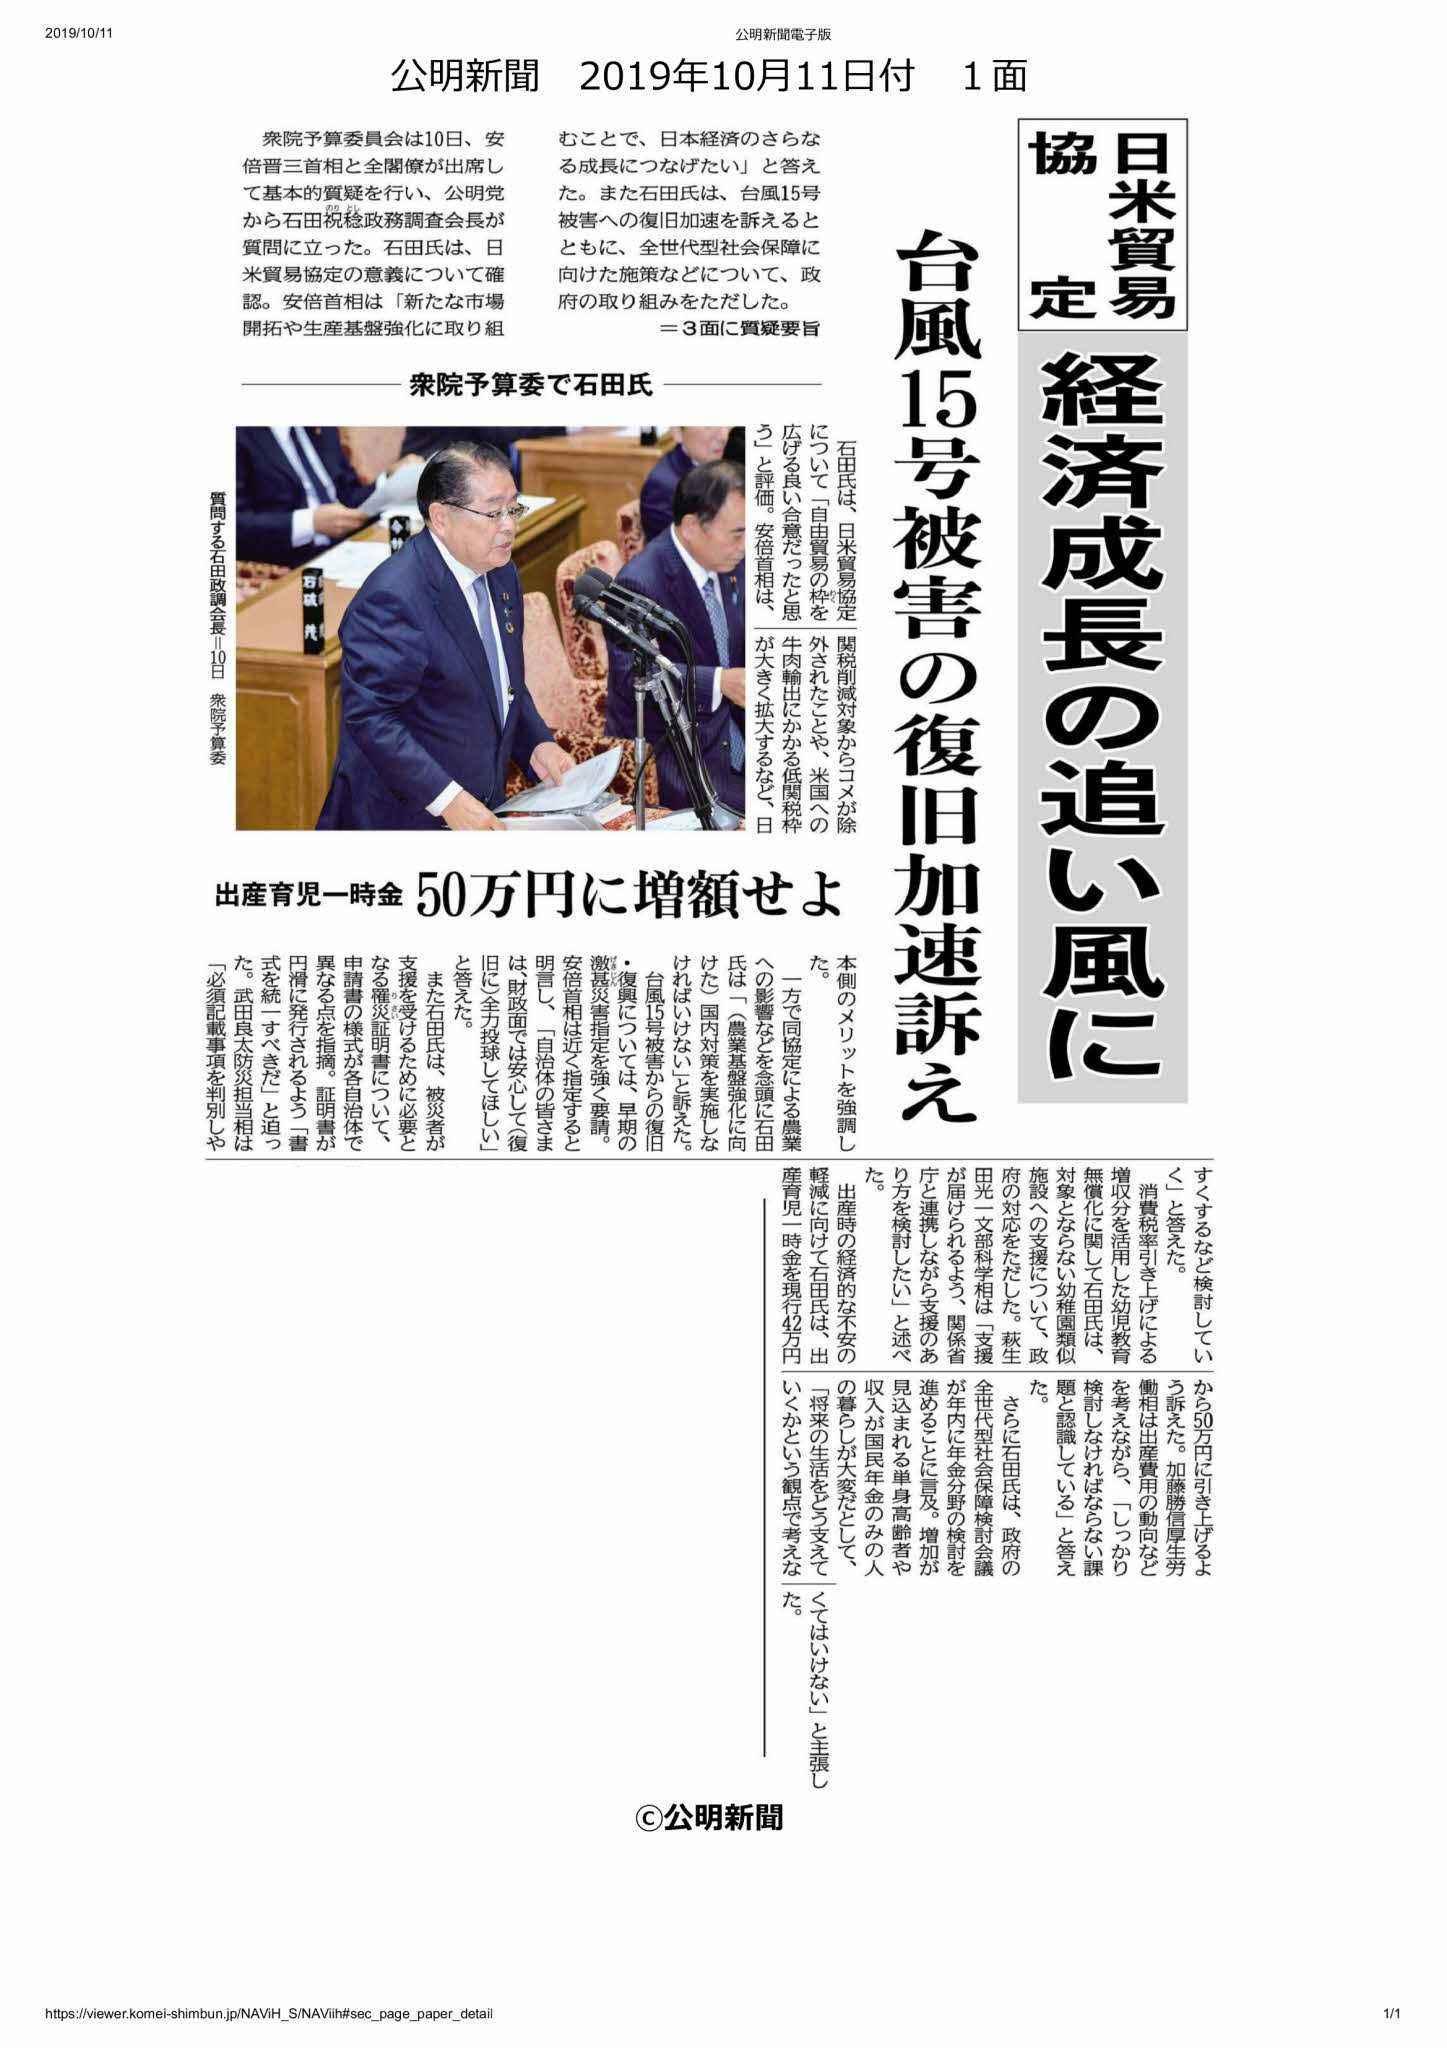 20191011公明新聞電子版1面